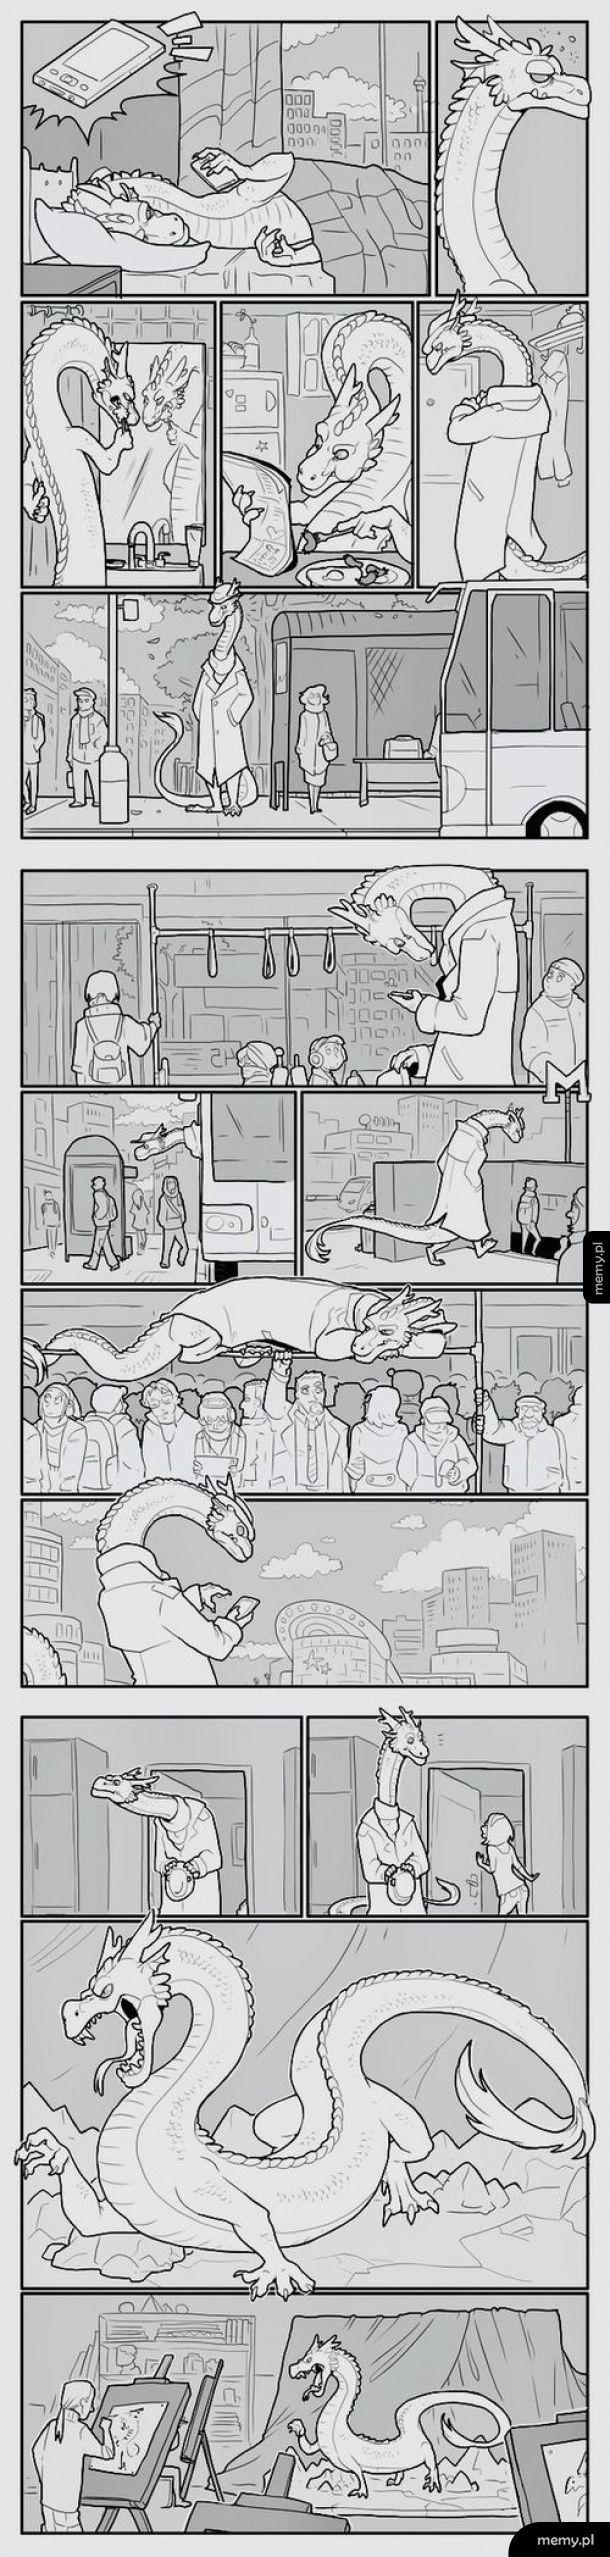 Życie smoka